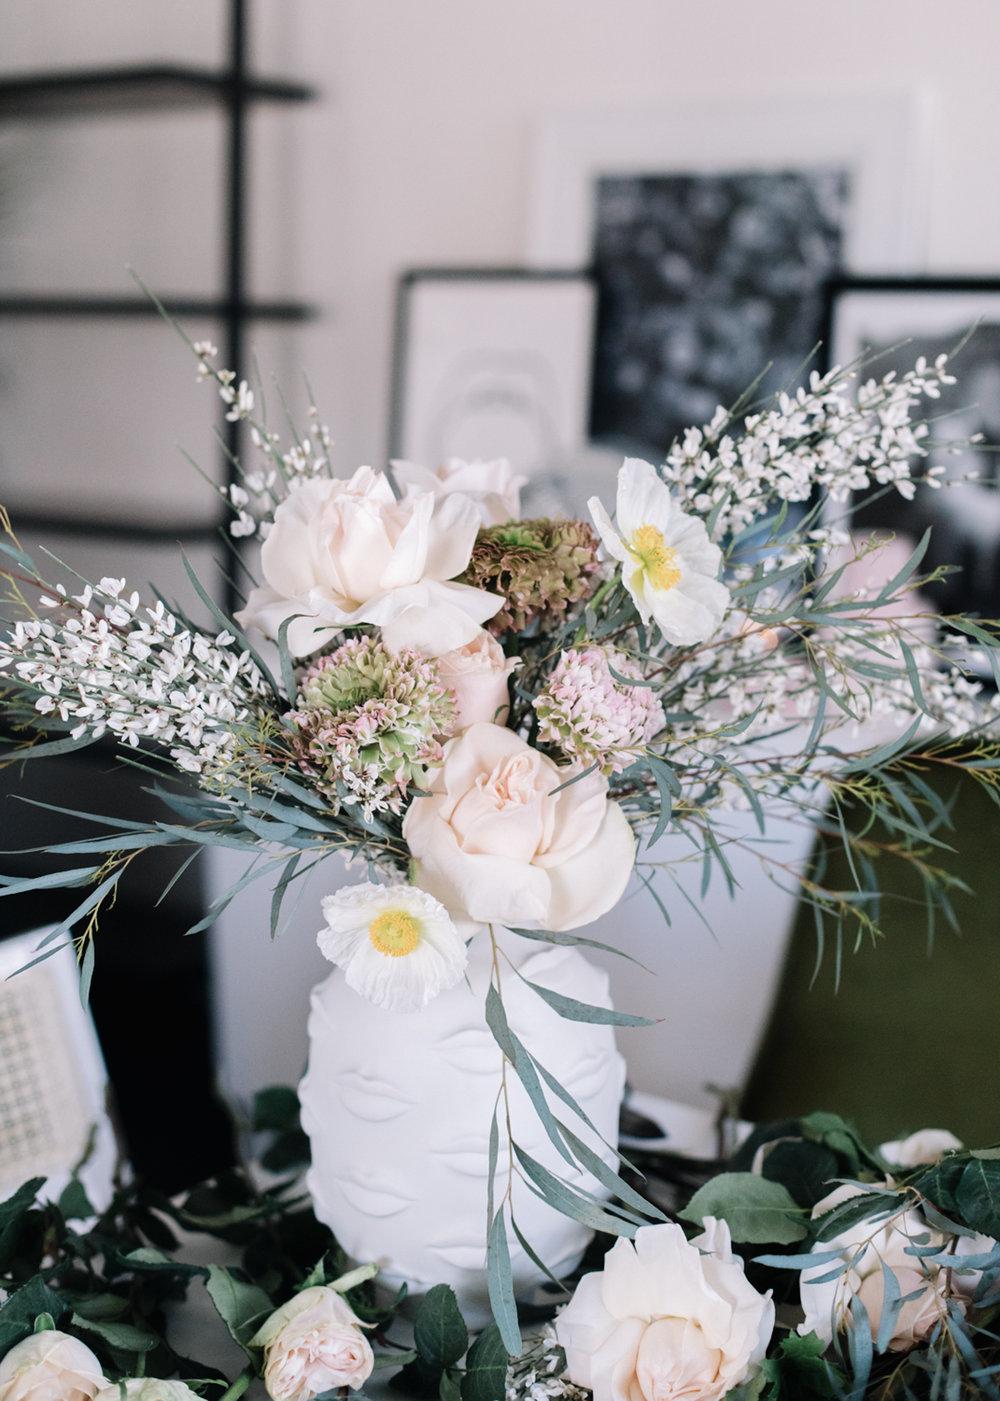 Easy DIY Floral Arrangement | A Fabulous Fete